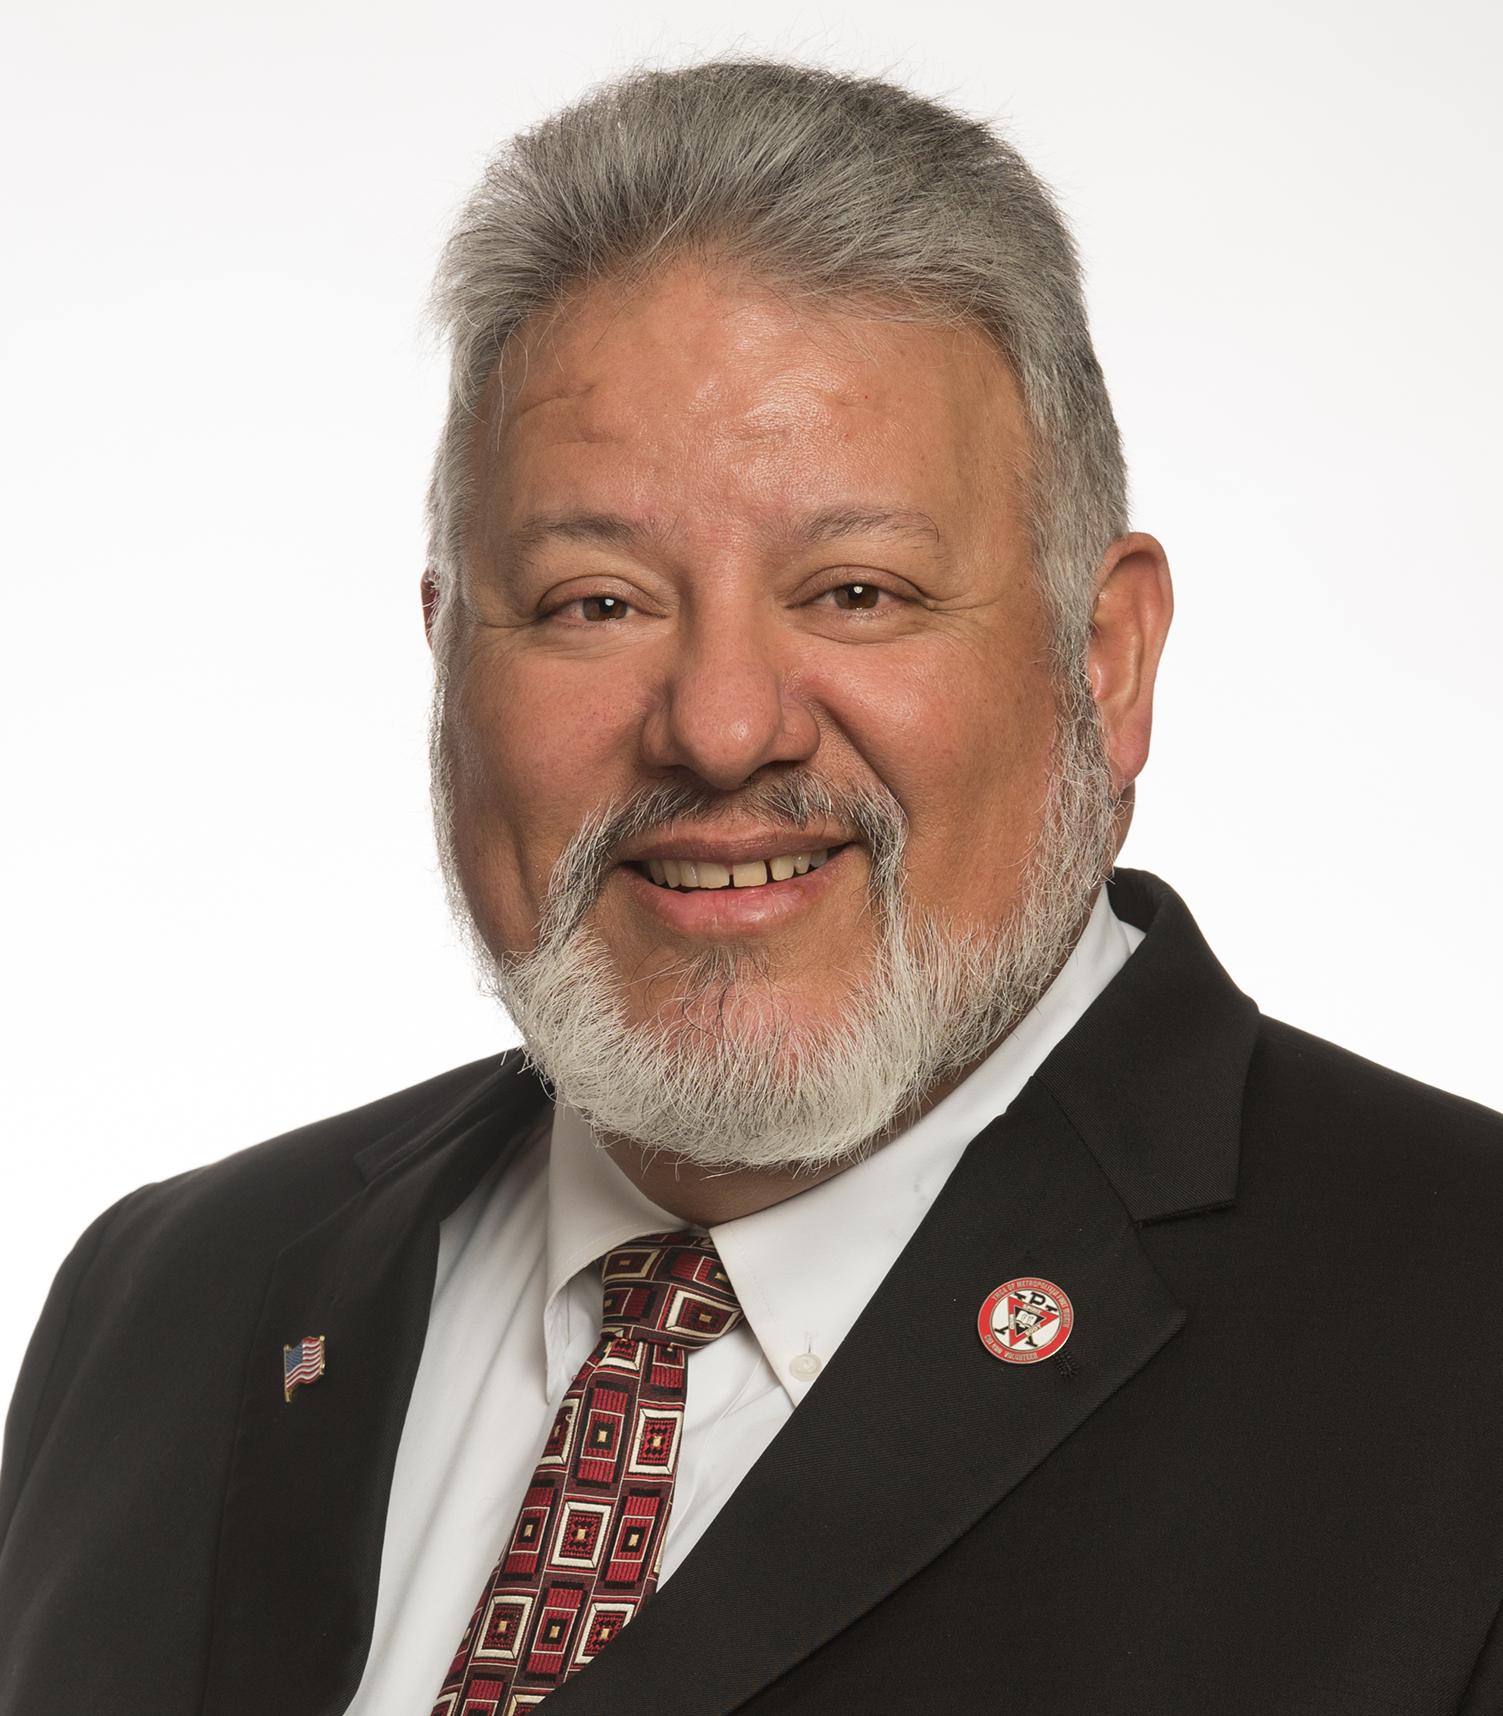 Mario Garza